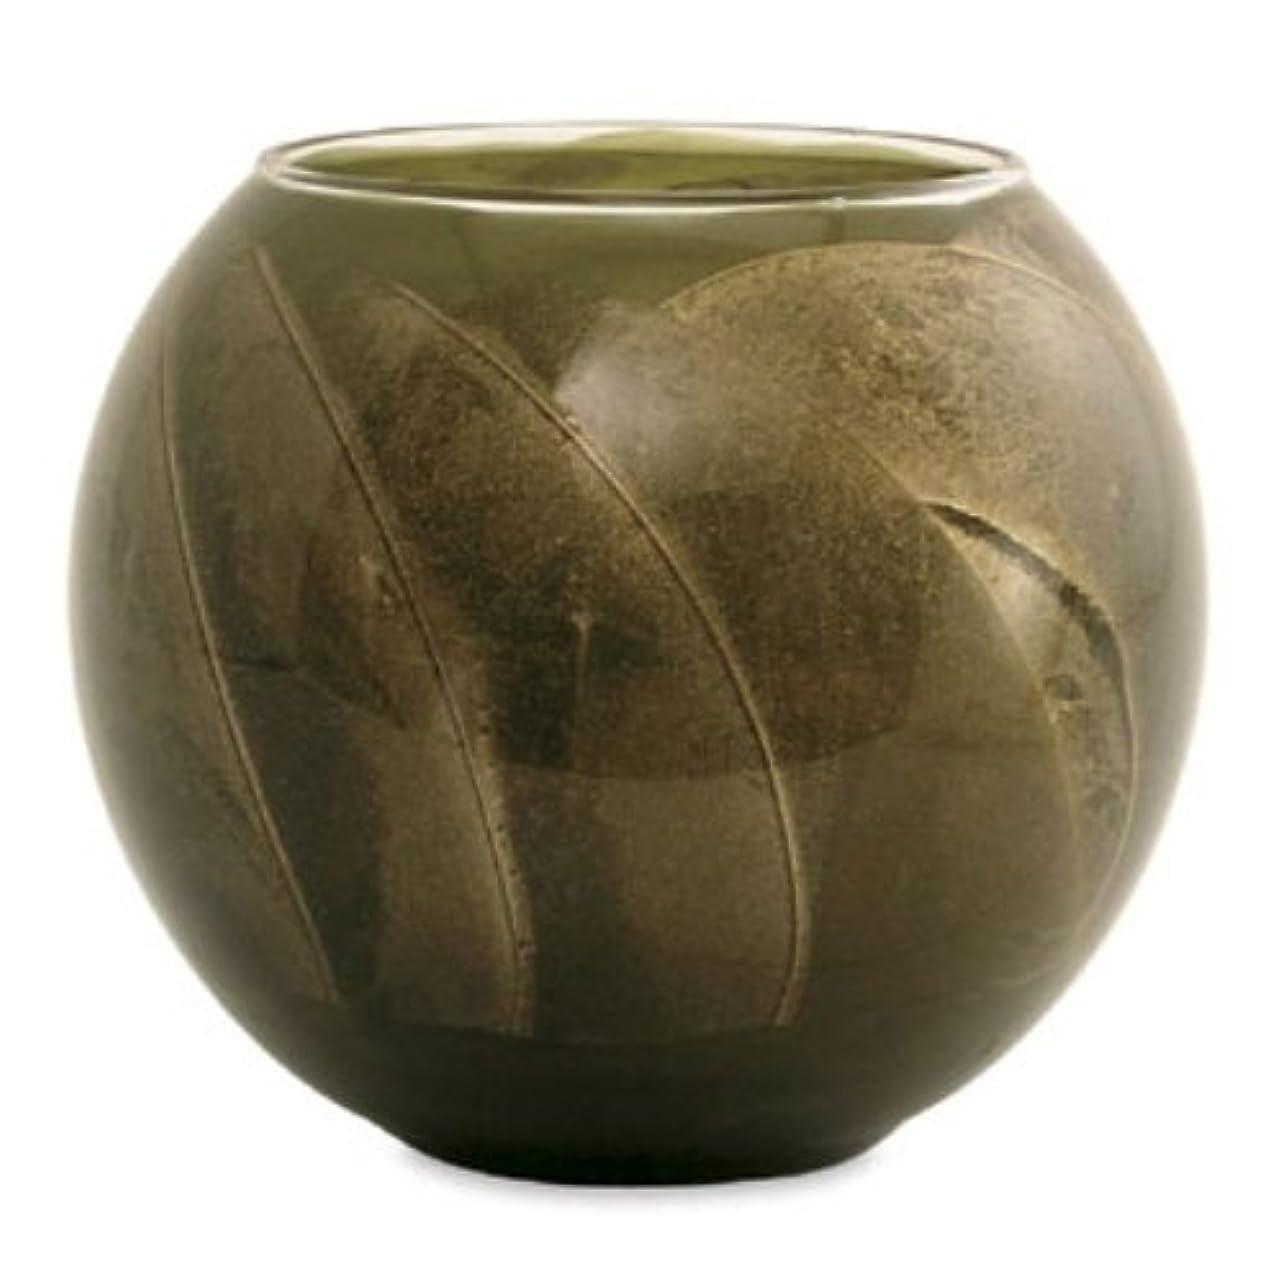 スロットビクターこどもの日Northern Lights Candles Esque Polished Globe - 4 inch Olive by Northern Lights Candles [並行輸入品]